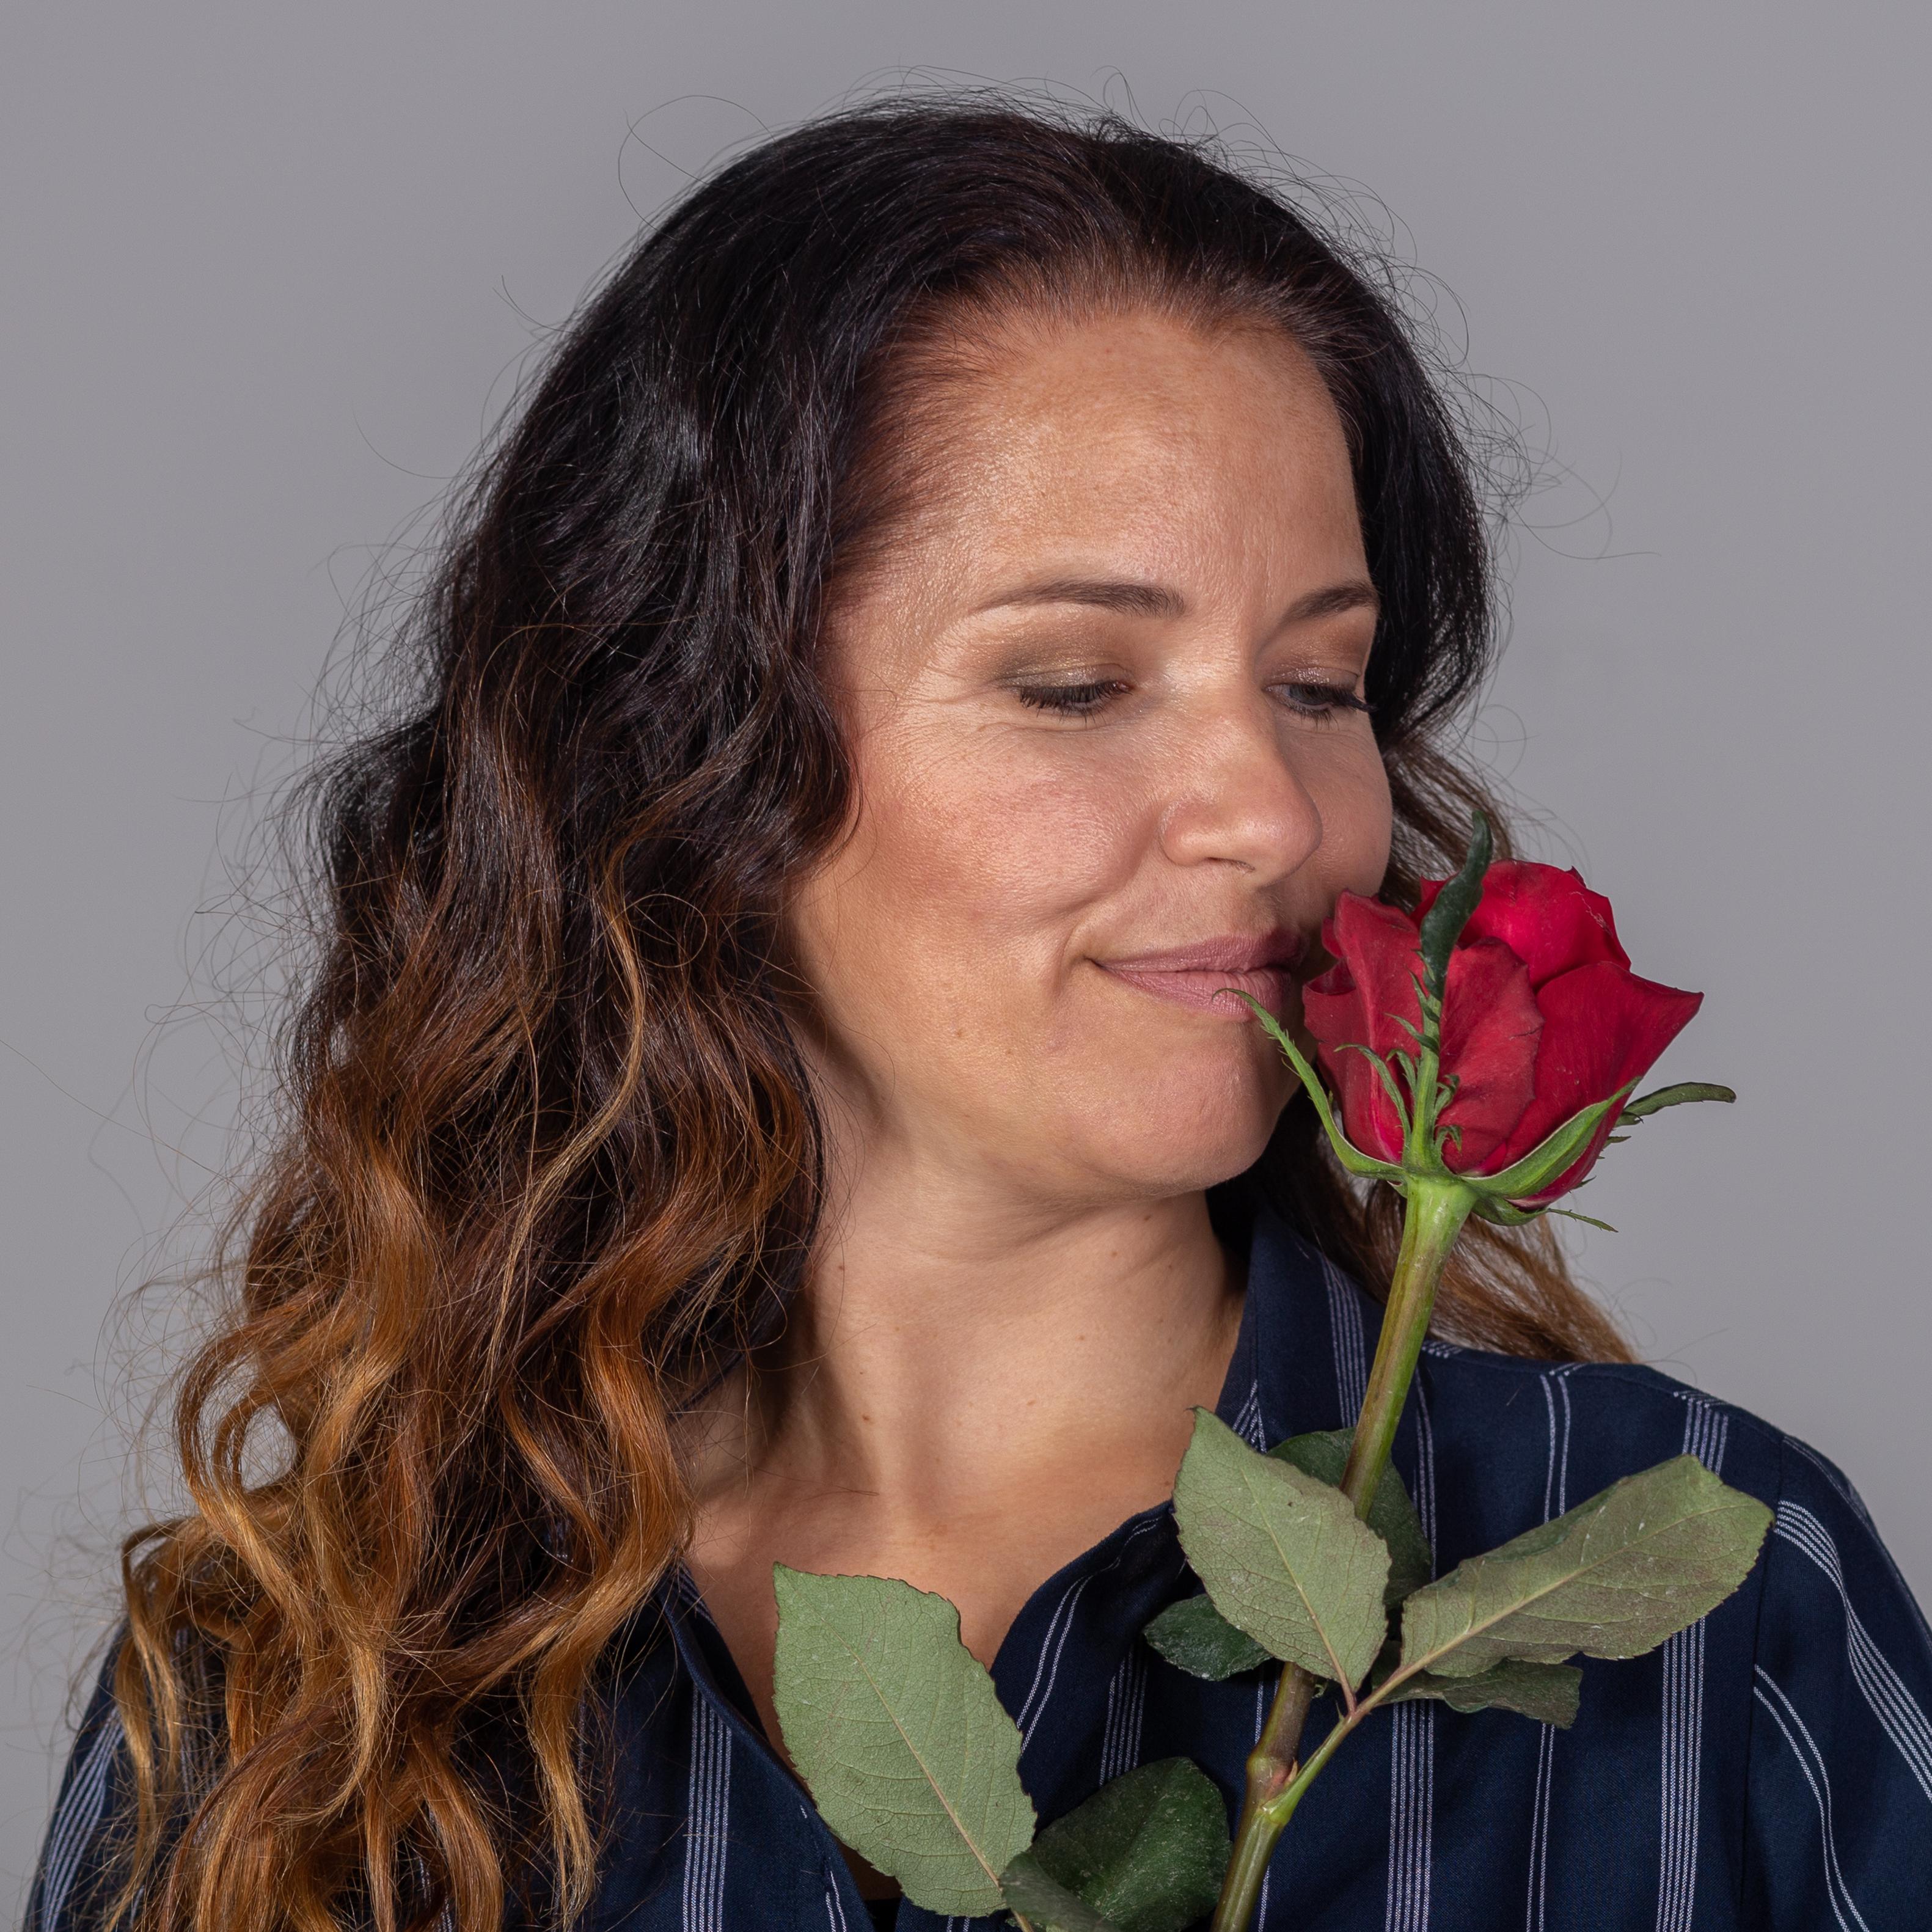 Ard Rote Rosen Gestern